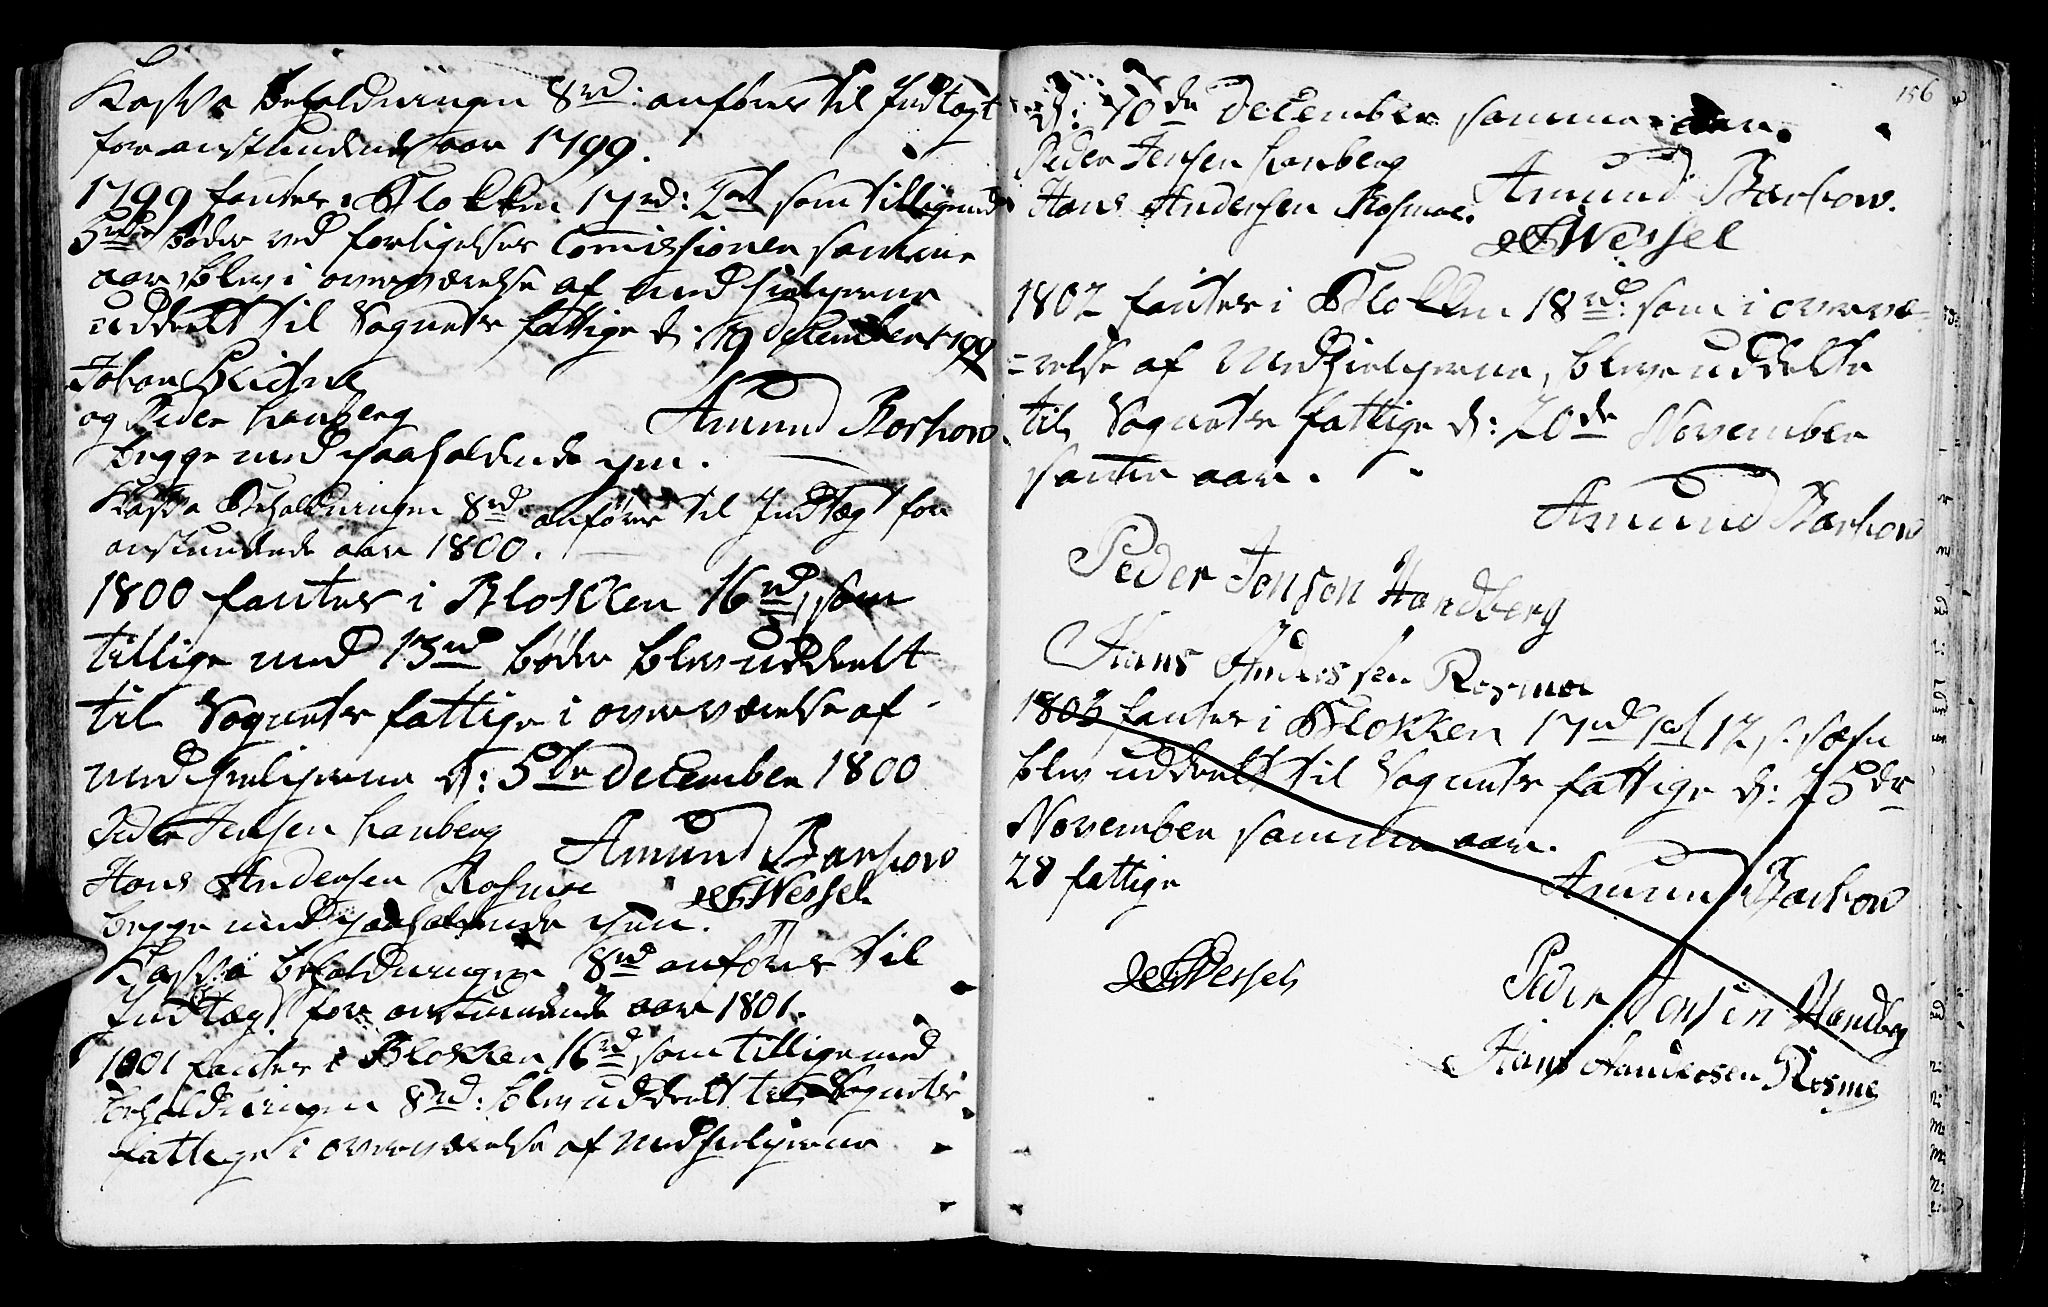 SAT, Ministerialprotokoller, klokkerbøker og fødselsregistre - Sør-Trøndelag, 665/L0768: Ministerialbok nr. 665A03, 1754-1803, s. 156